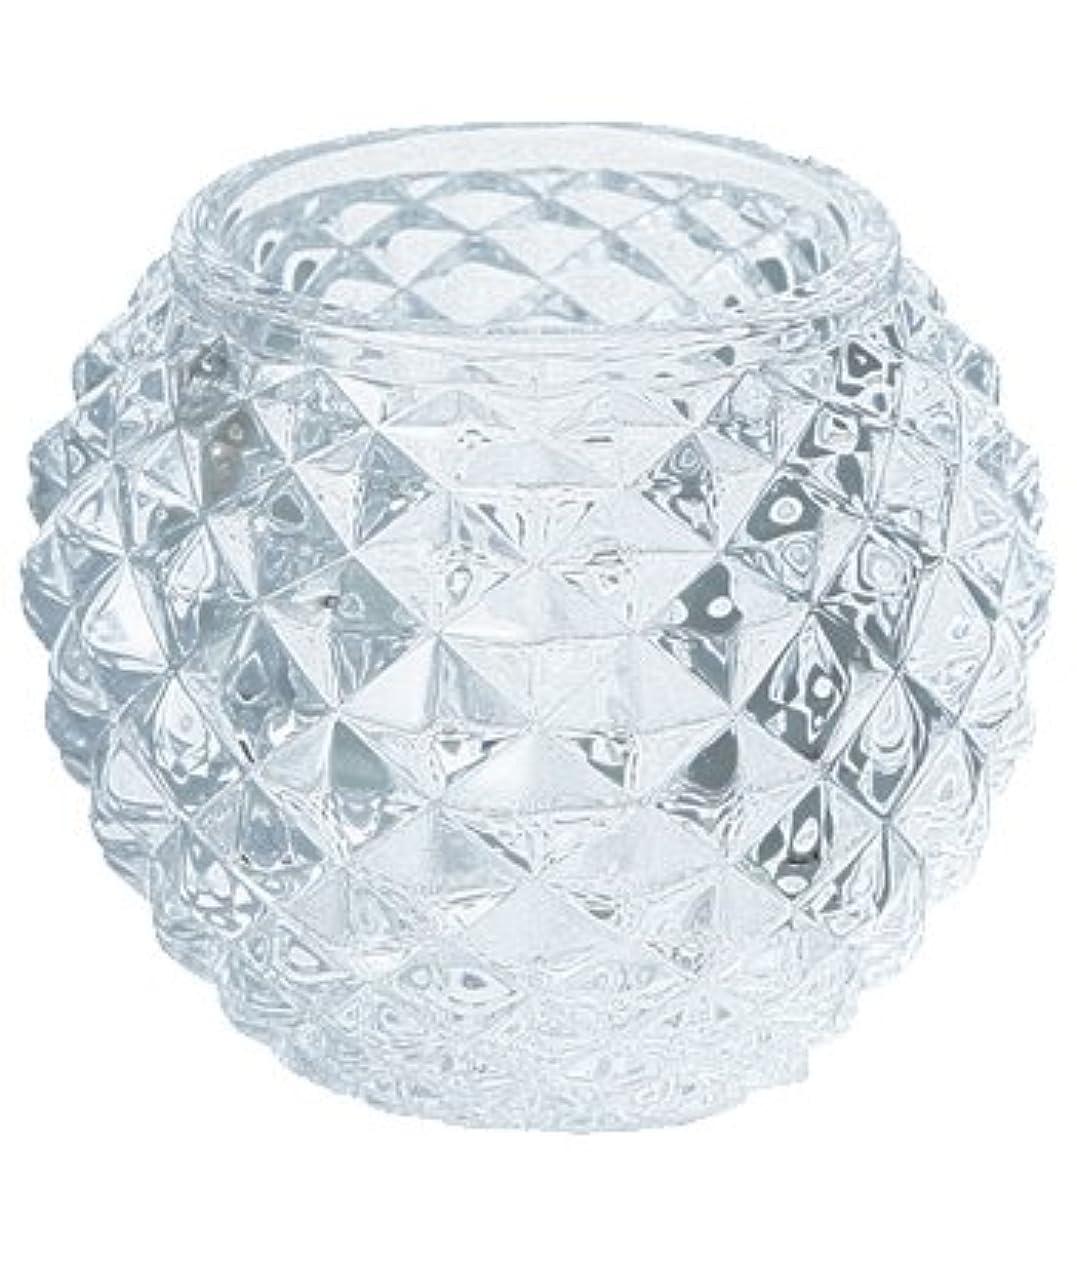 充実順応性のあるきゅうりキャンドルホルダー?ダイヤモンドボール/1個